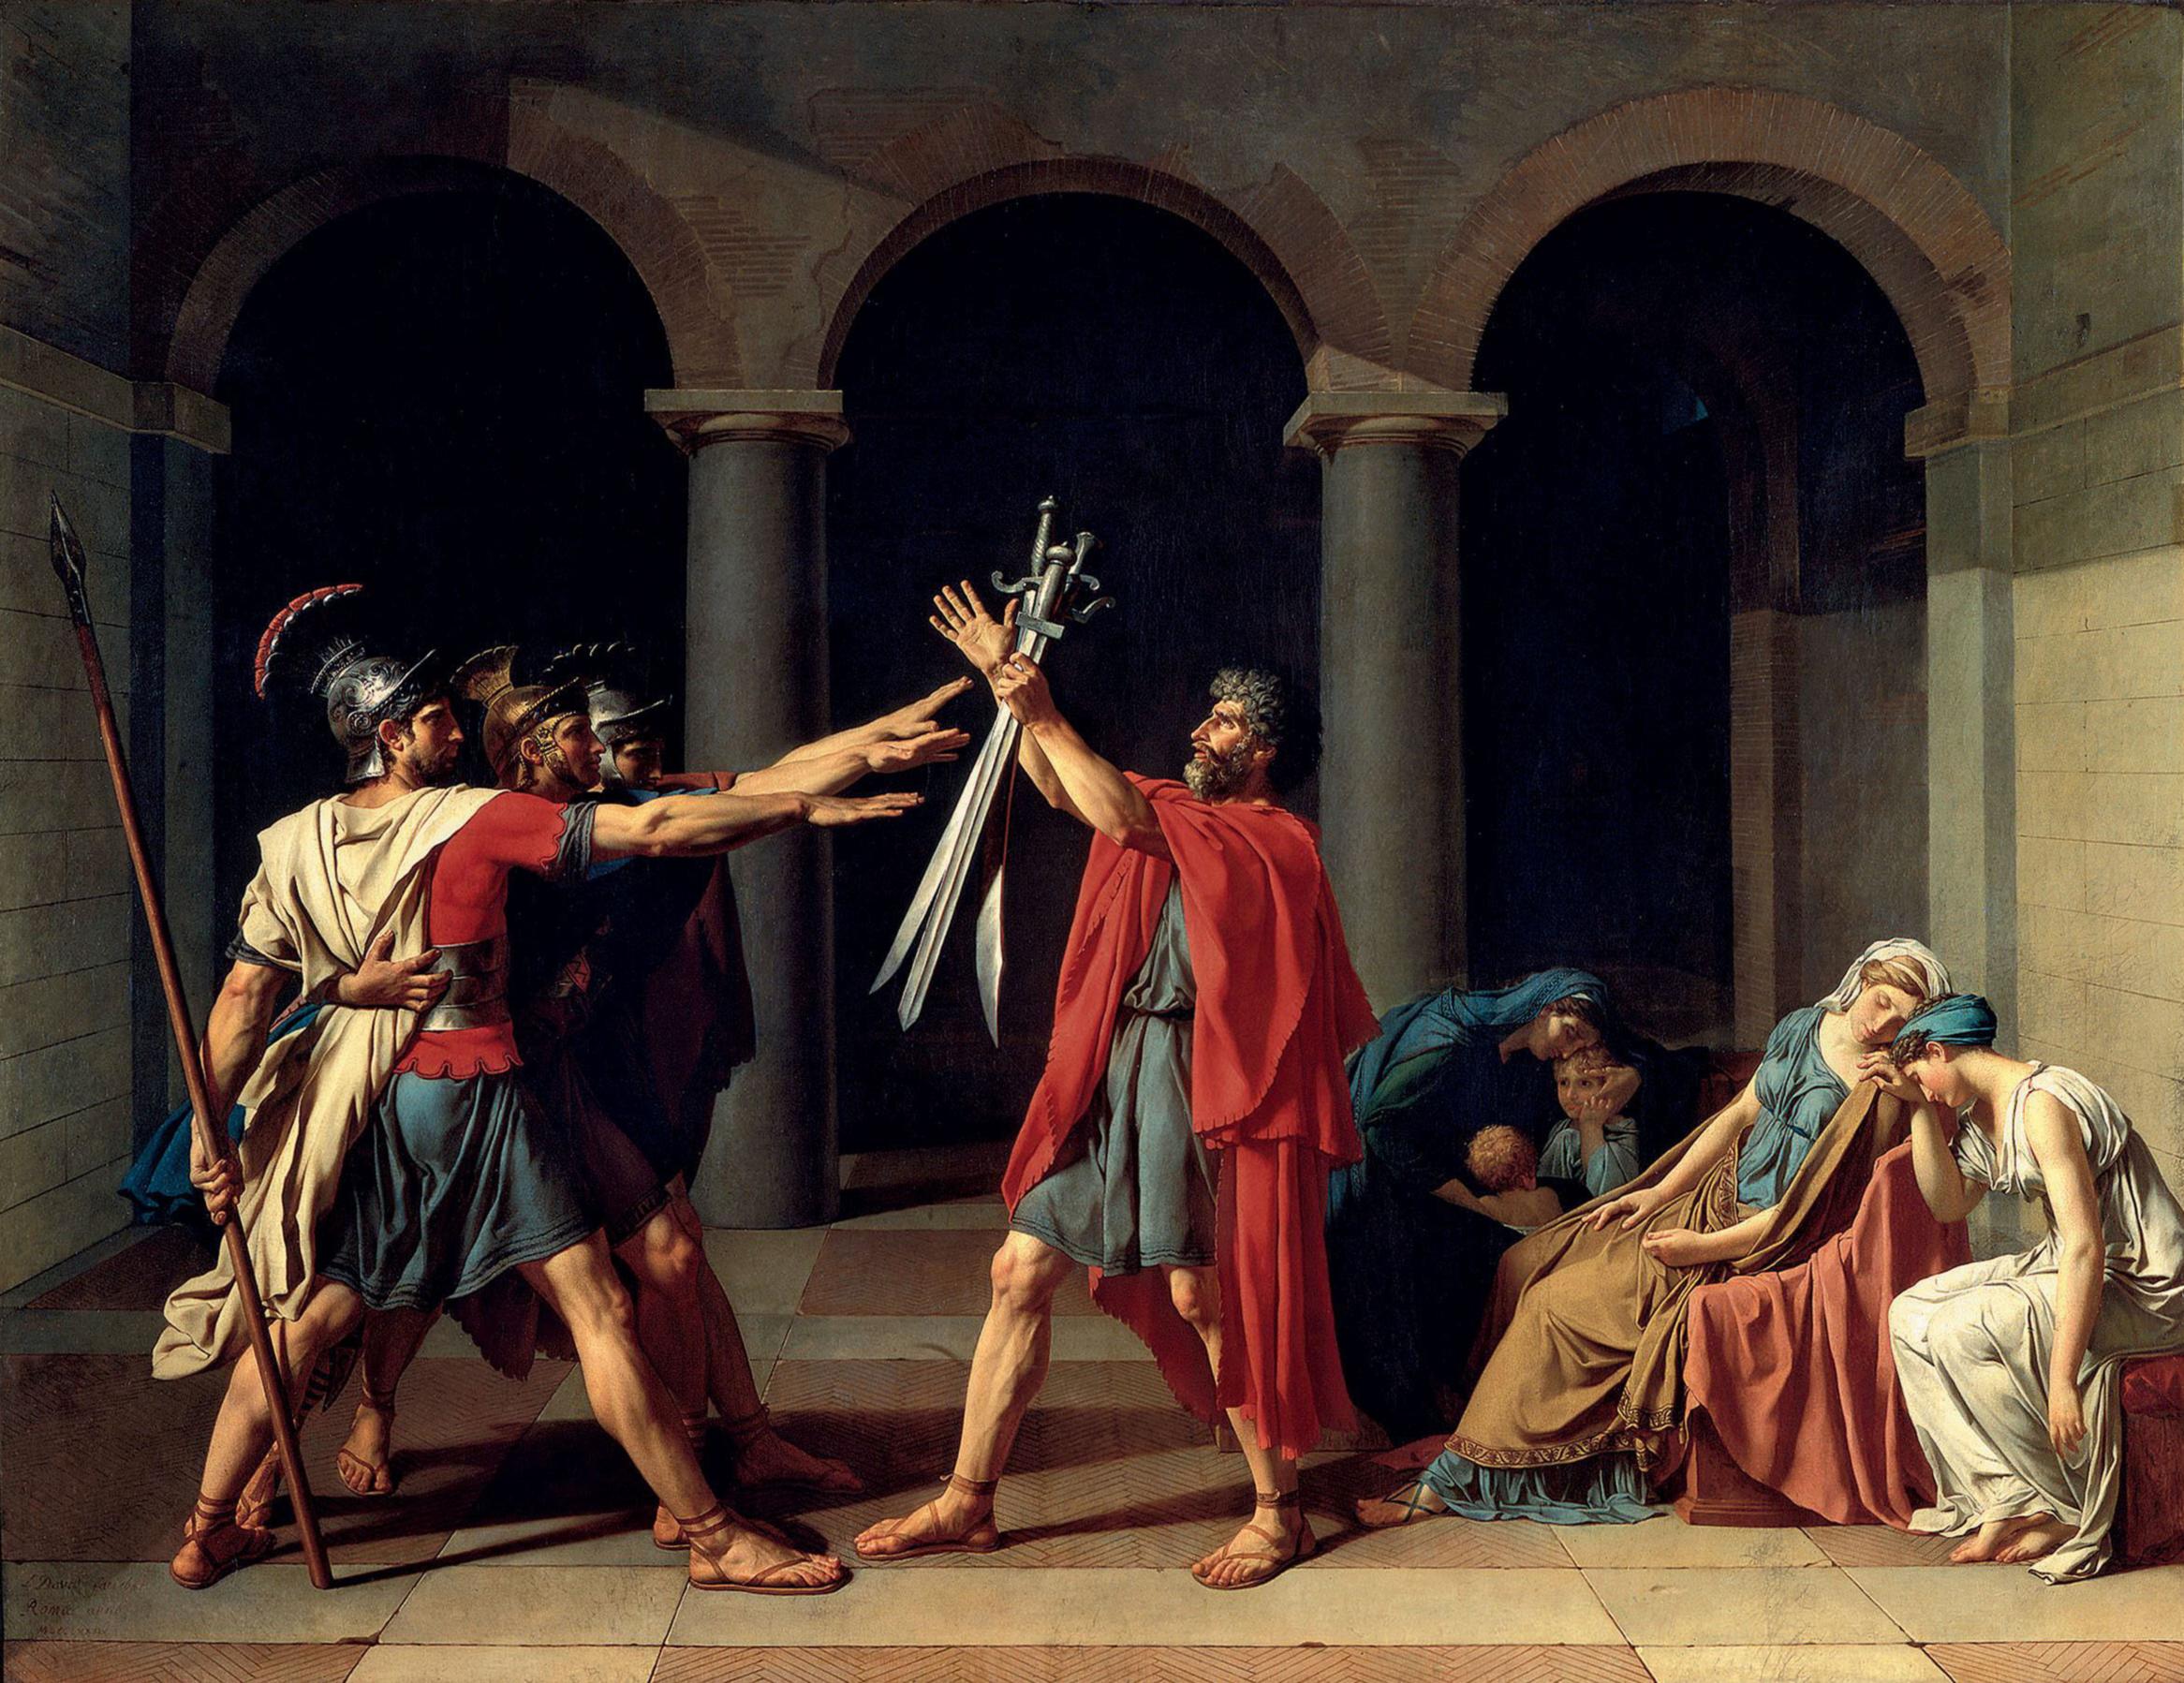 """La parola data come """"entità vivente"""" ovvero il giuramento sacro presso gli Antichi – Emanuele Franz"""